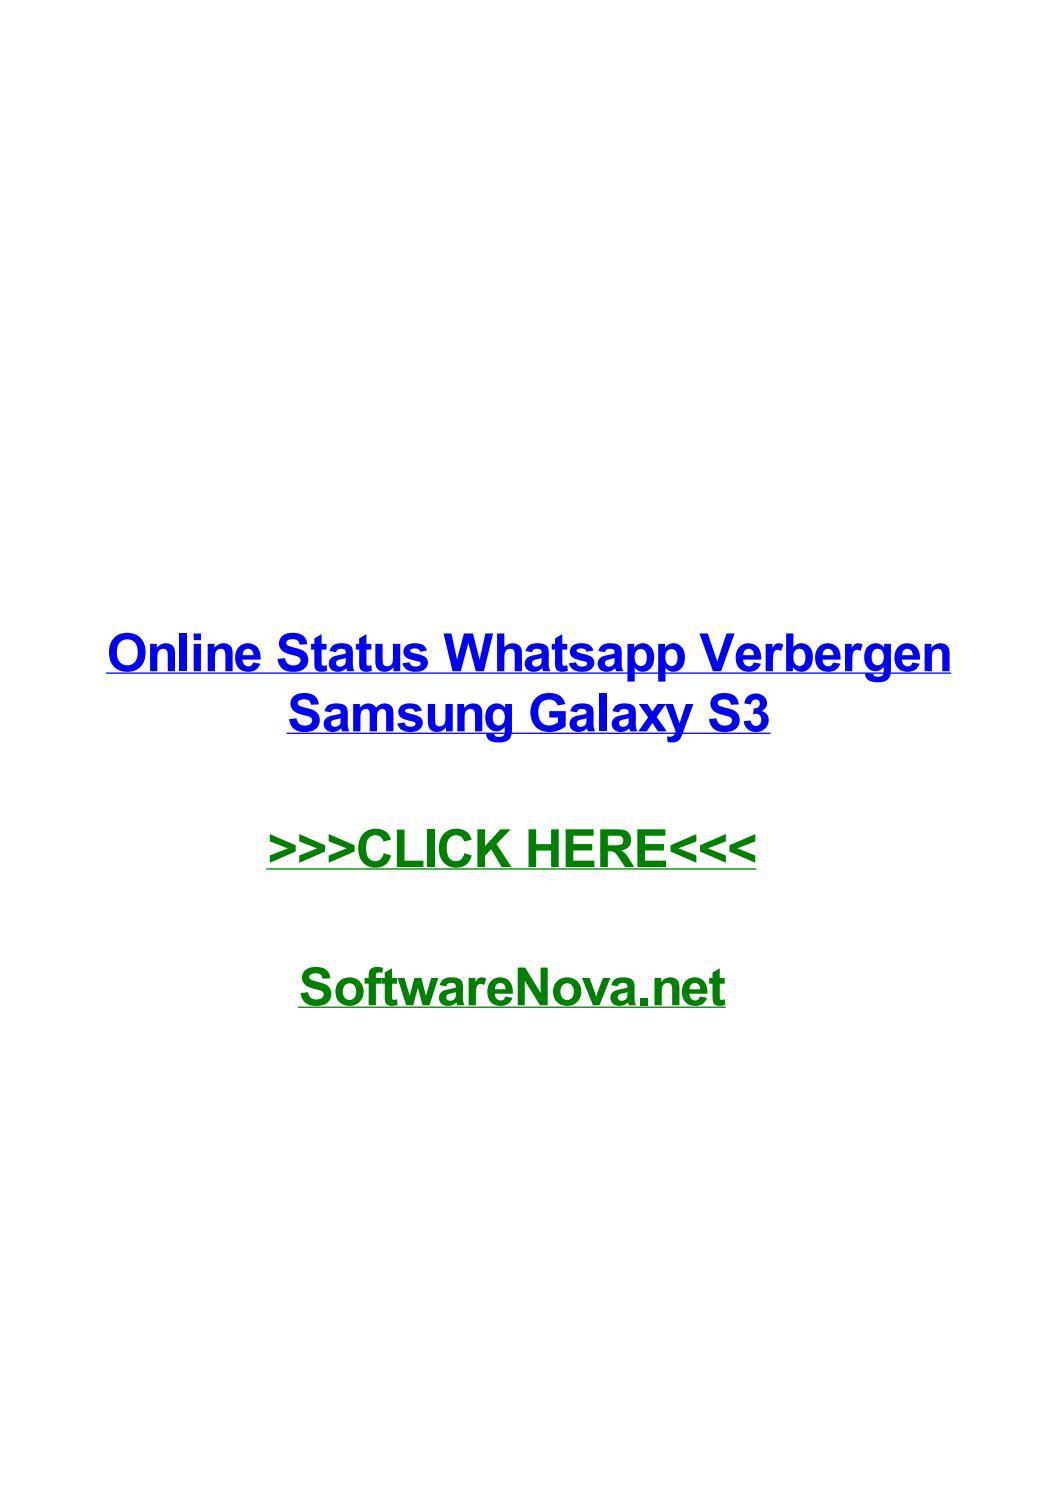 Online Status Whatsapp Verbergen Samsung Galaxy S3 By